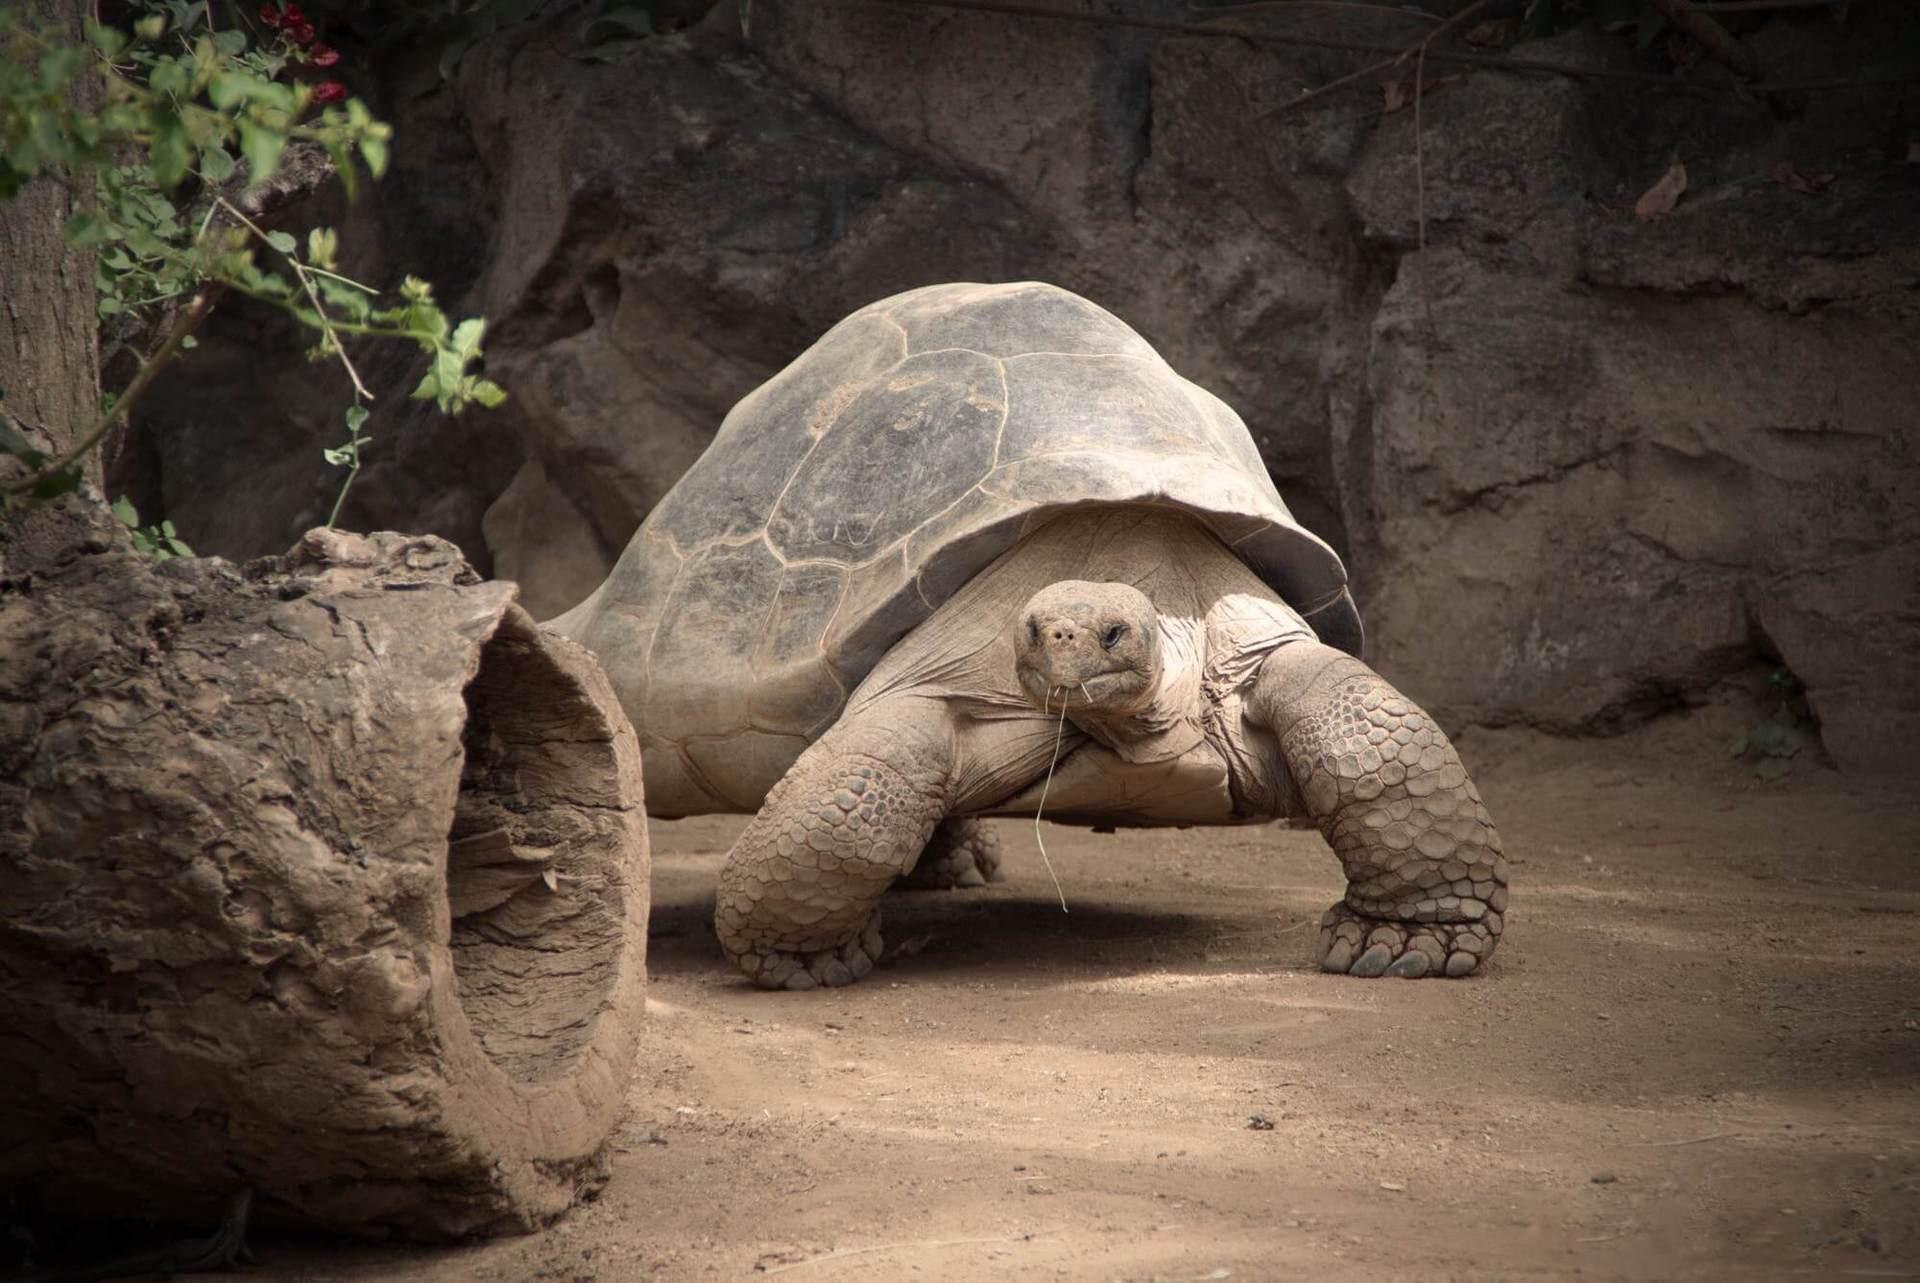 На паромі можна дістатись острова Кюр'єз, де мешкає 500 гігантських сухопутних черепах, а також до острова Ла-Діг, відомого своїми усамітненими пляжами.